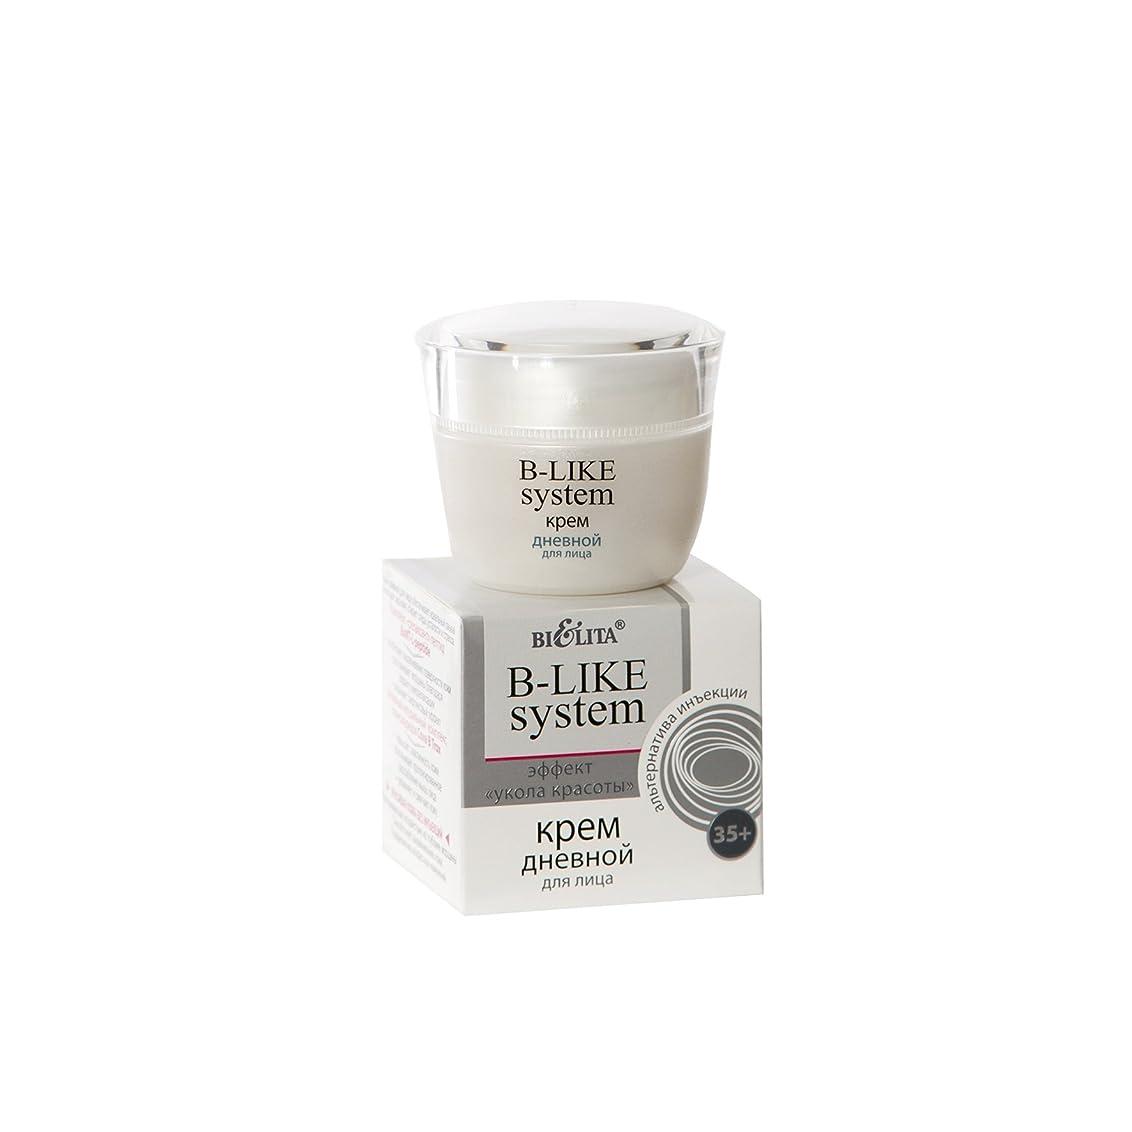 憂鬱な熱に応じてBielita & Vitex Botox-Like System | Anti-Wrinkle Correcting Facial Day Cream Moisturizer, 50 ml | Active Peptides and Vitamins Formula